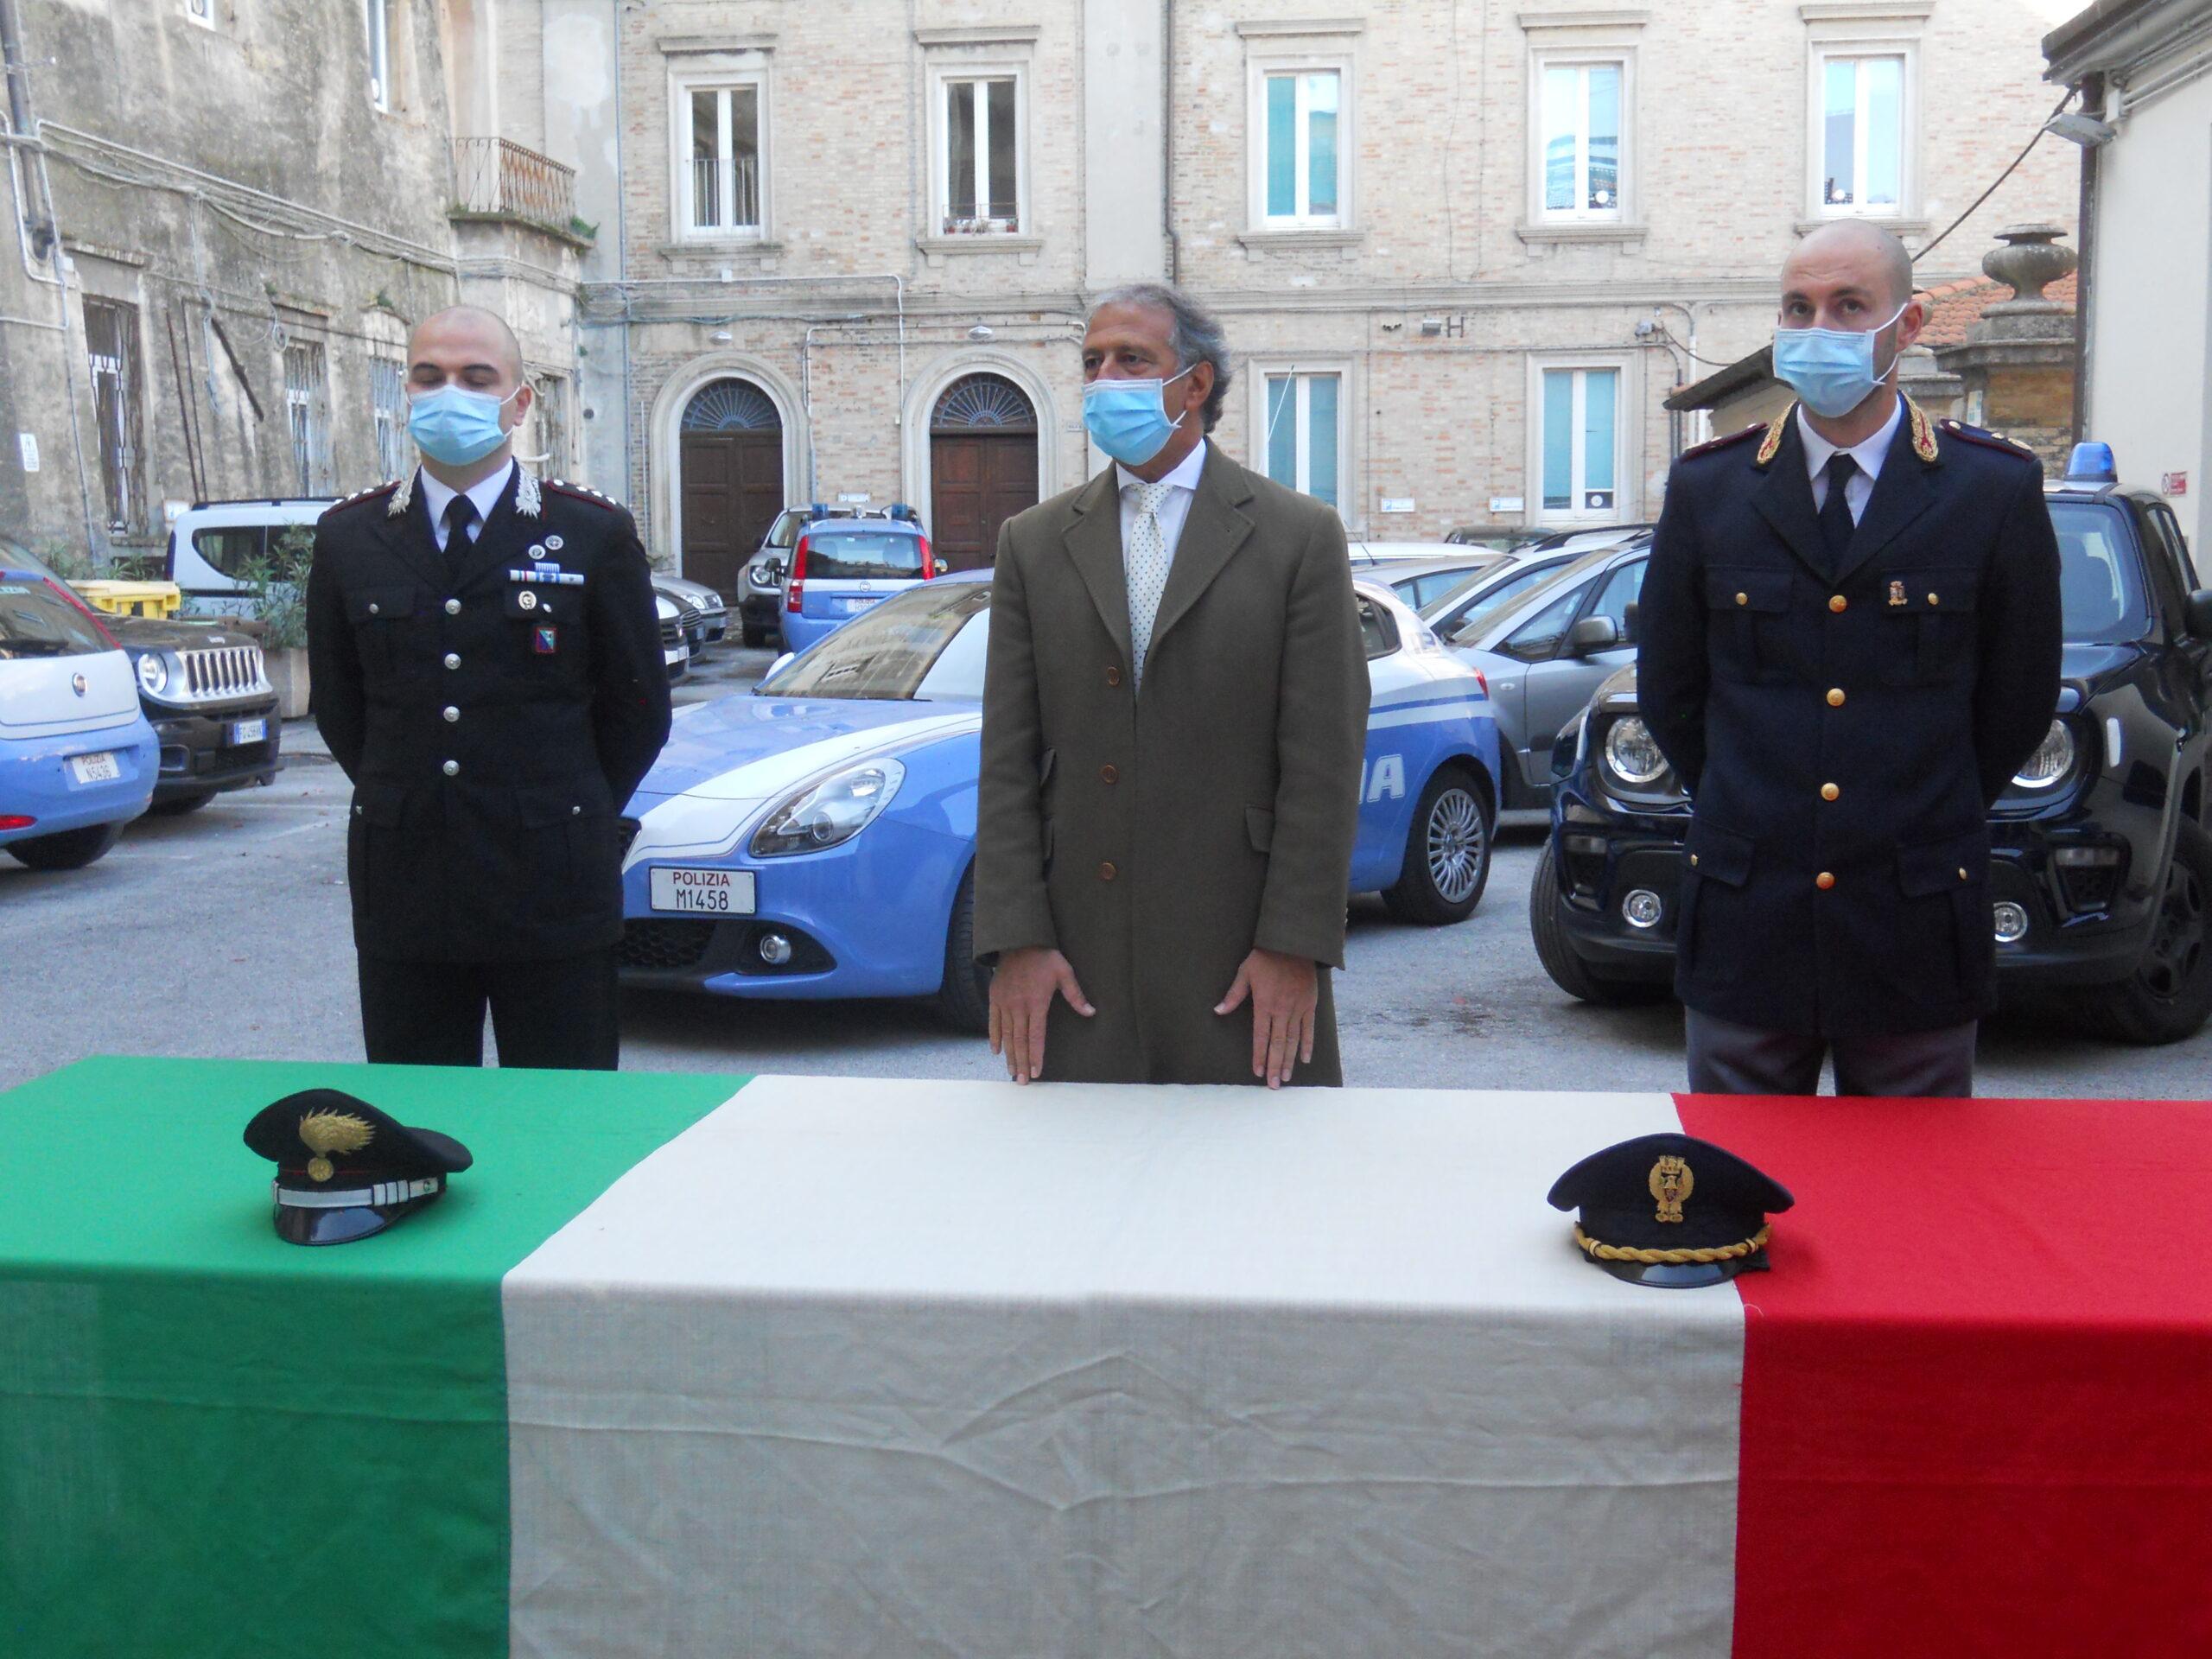 Carabinieri e Polizia insieme, arrestati due pericolosi rapinatori